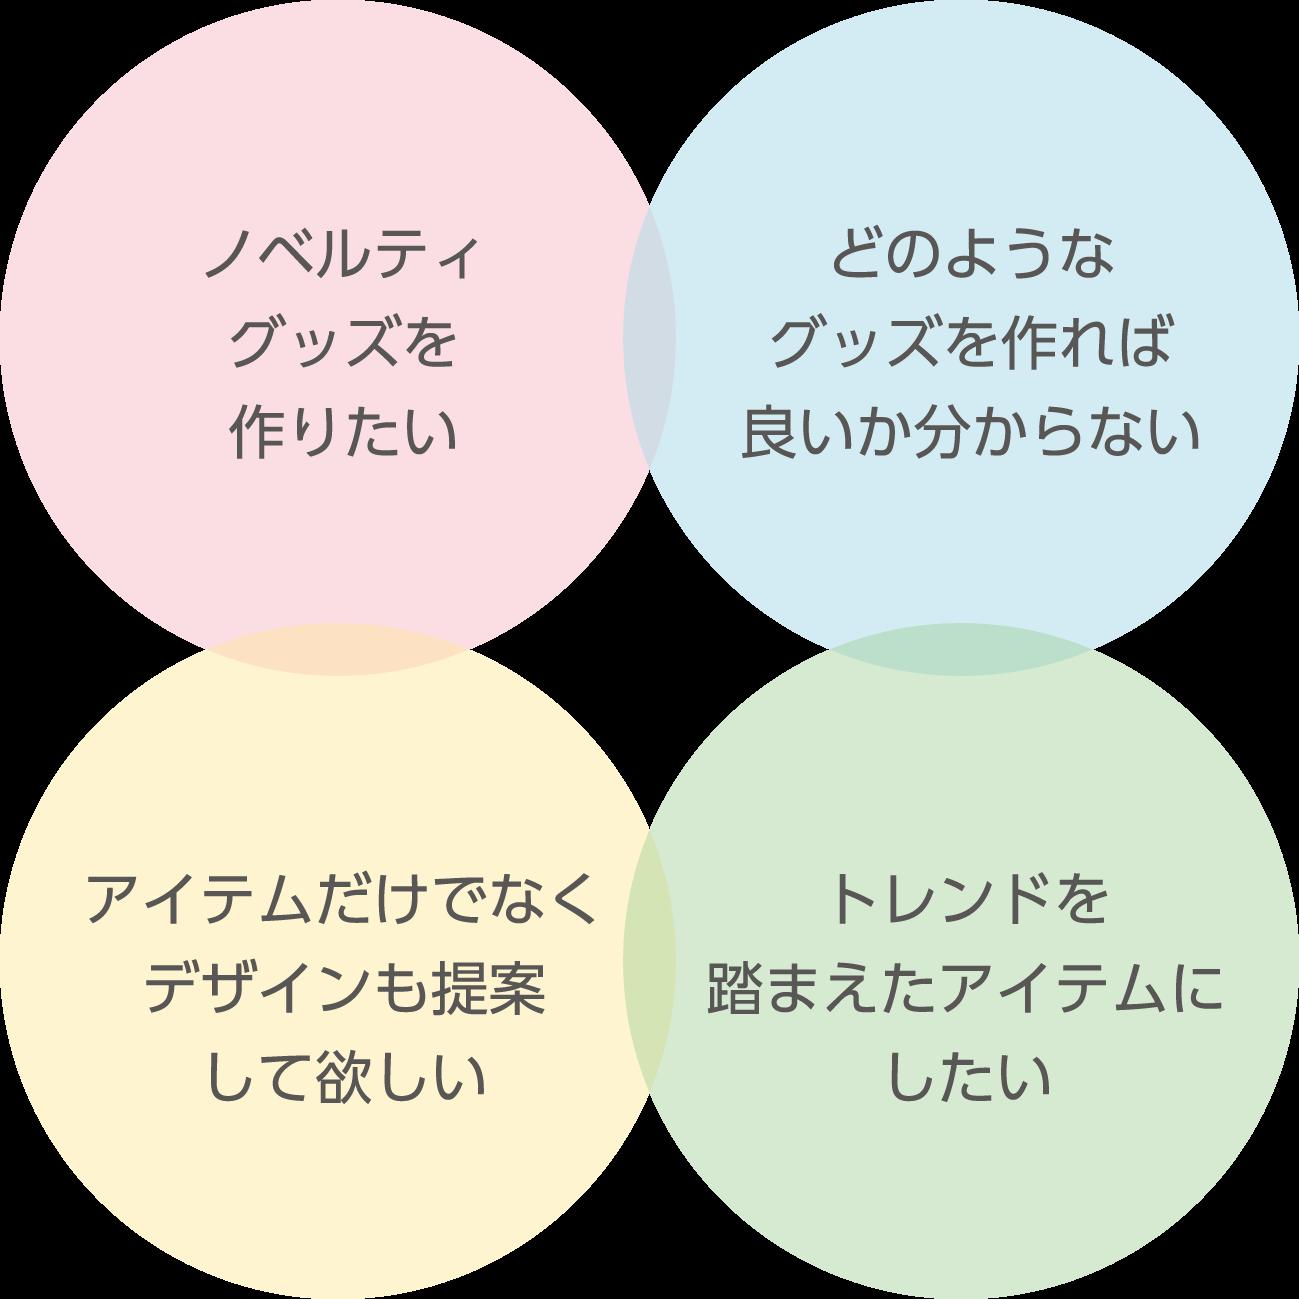 ノベルティグッズ を作りたい、どのようなグッズ を作ればよいか わからない、アイテムだけでは なくデザインも 提案して欲しい、トレンドを踏まえた アイテムにしたい